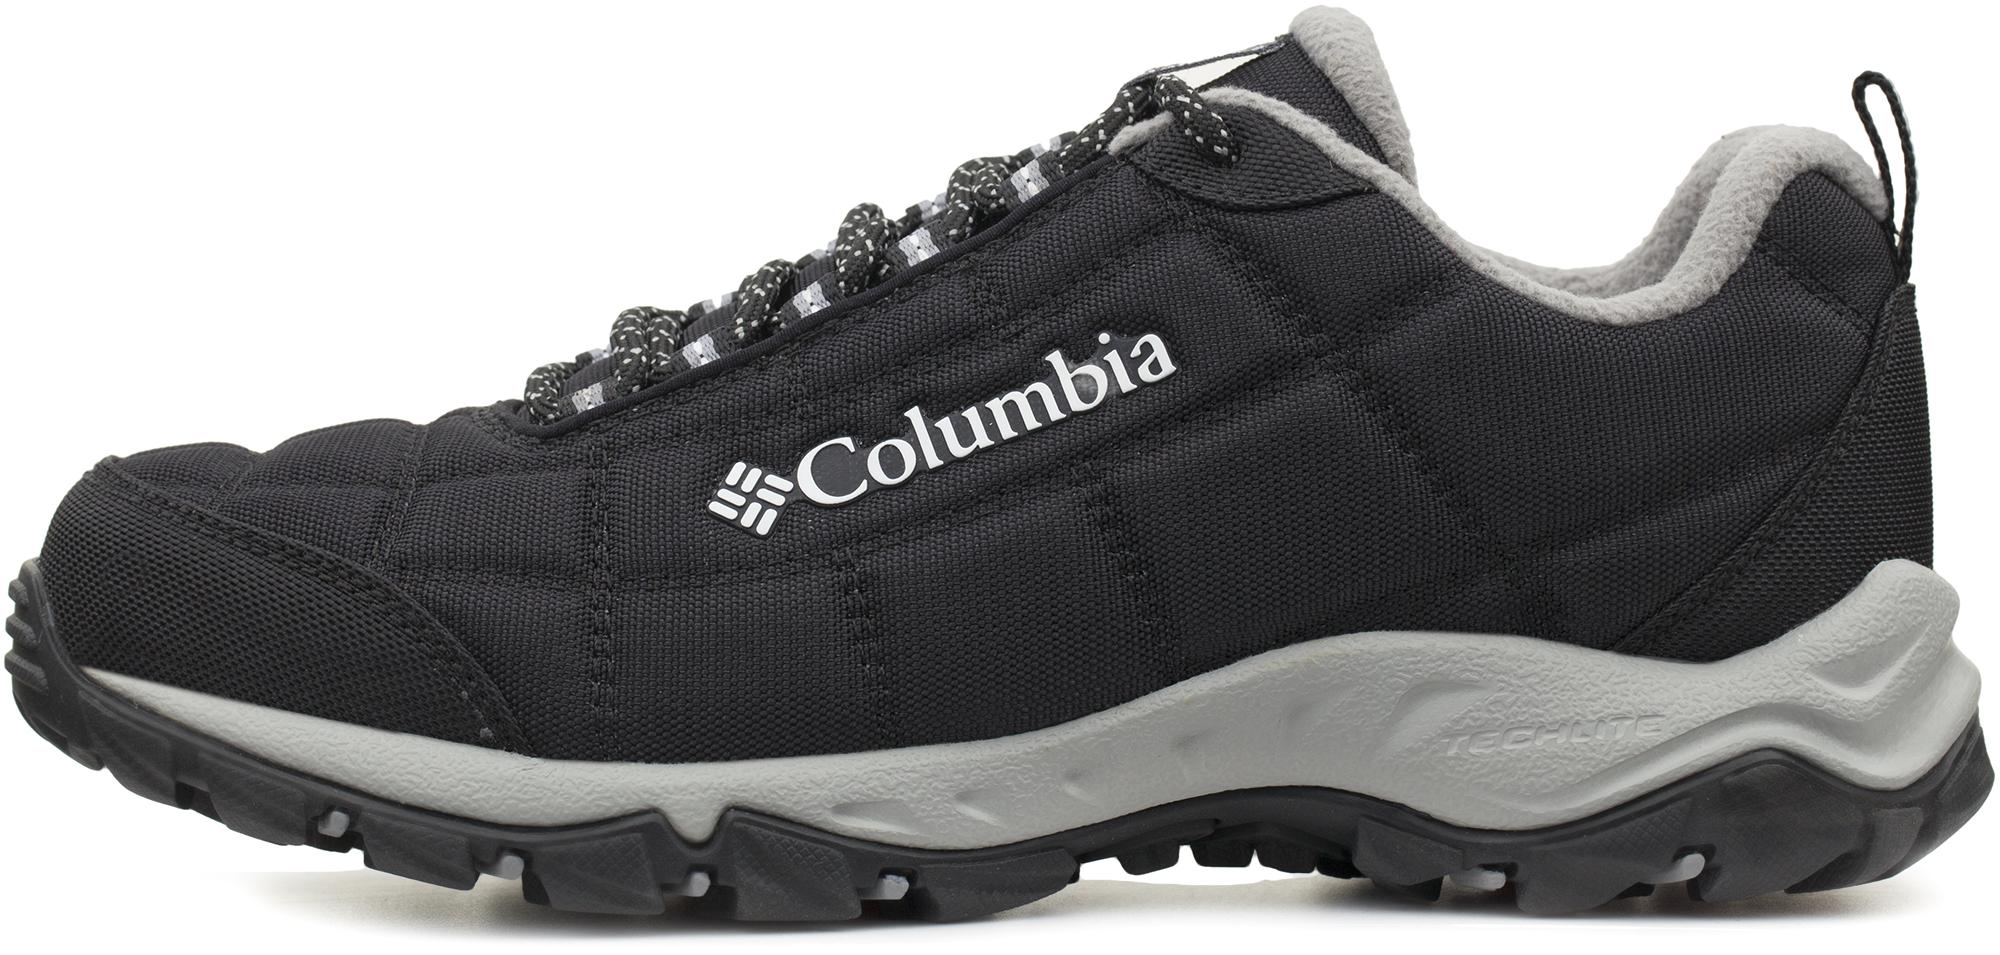 цена Columbia Ботинки женские Columbia Firecamp, размер 41 онлайн в 2017 году